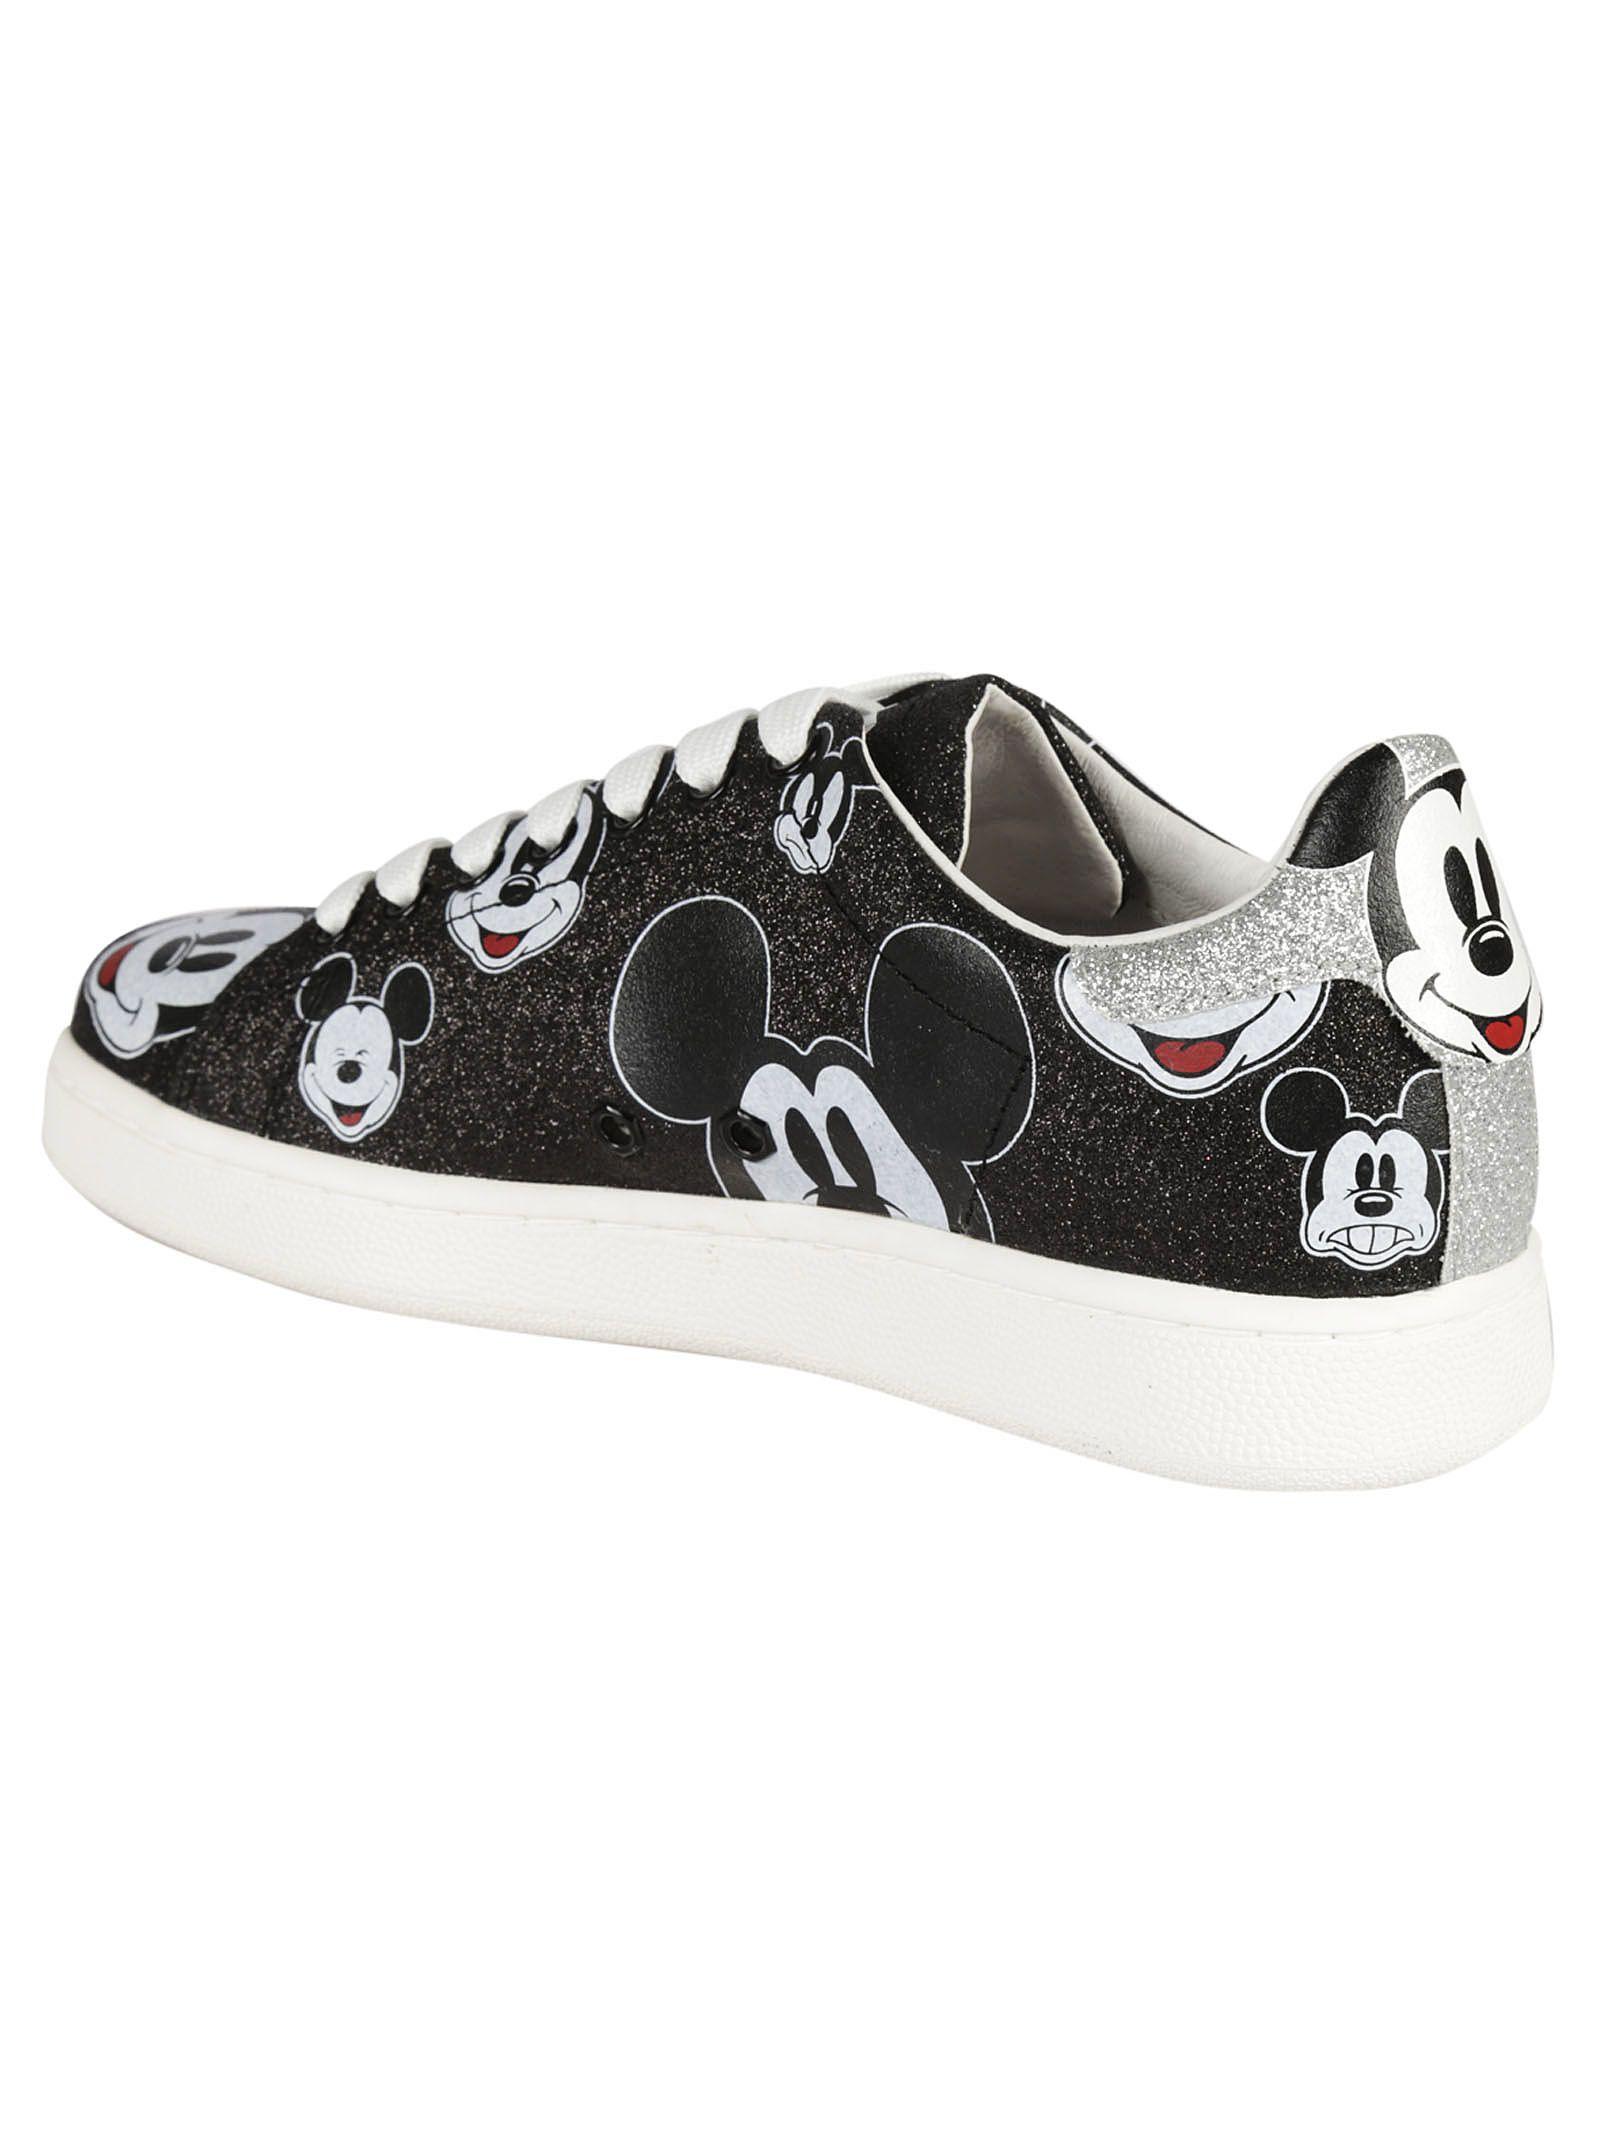 Maître Moa De Chaussures De Sport Agrémentées D'arts De Mickey - Noir 0AZxq